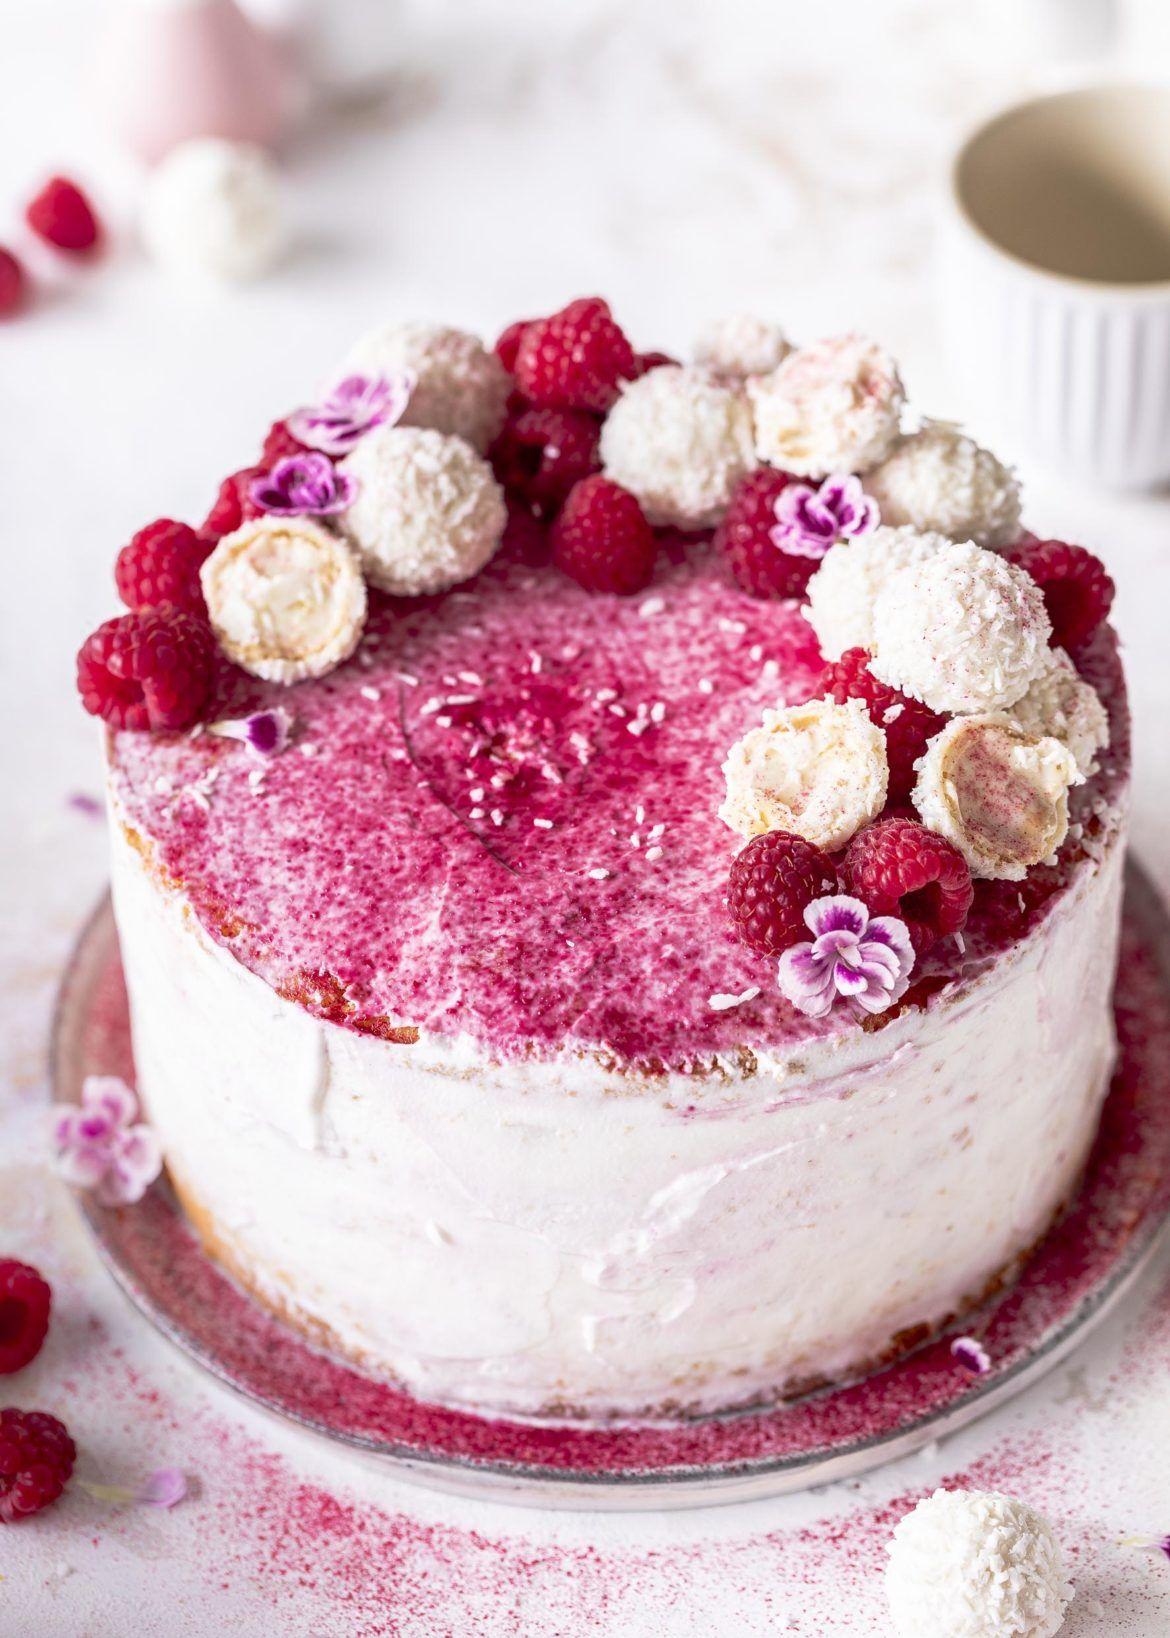 Himbeer Raffaello Torte Ohne Gelatine Emma S Lieblingsstucke Rezept In 2020 Raffaello Torte Kuchen Und Torten Rezepte Himbeeren